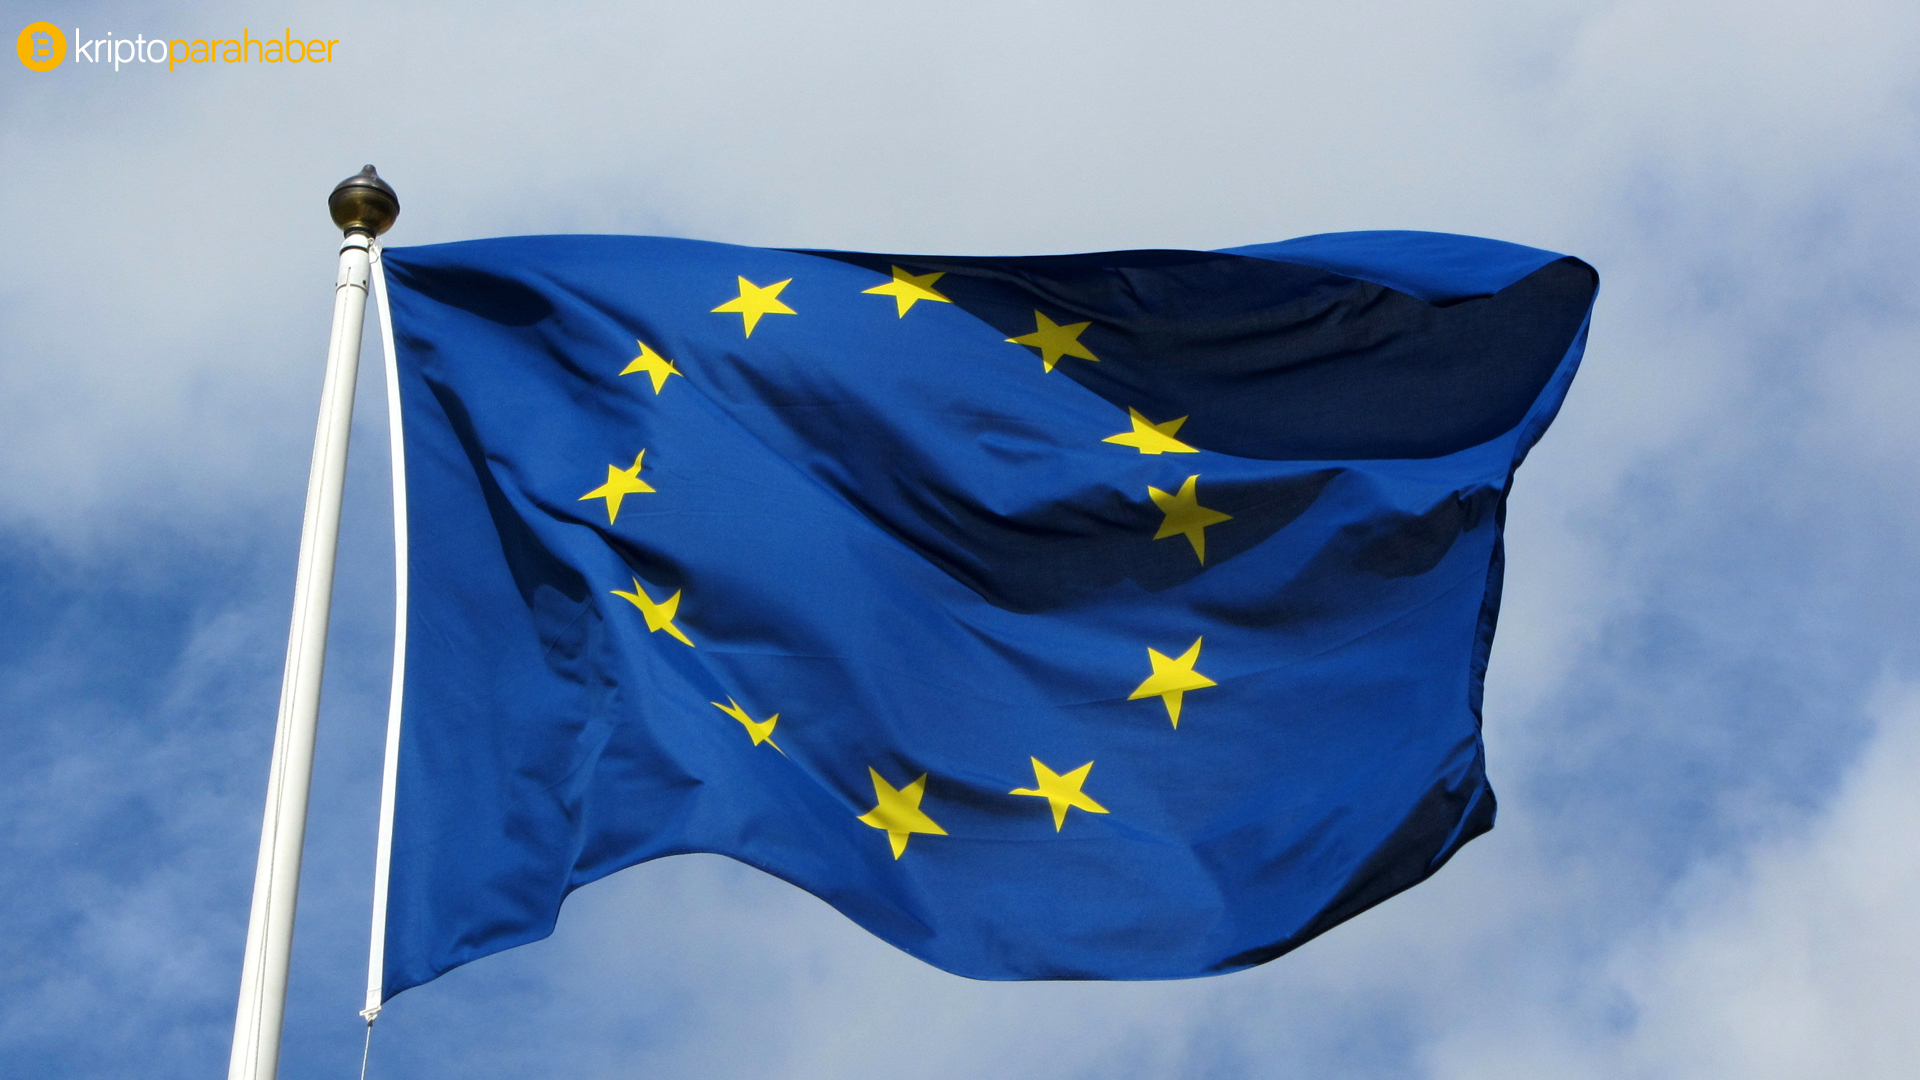 """Avrupa Birliği'nden flaş stabilcoin çağrısı: """"Durdurun!"""""""